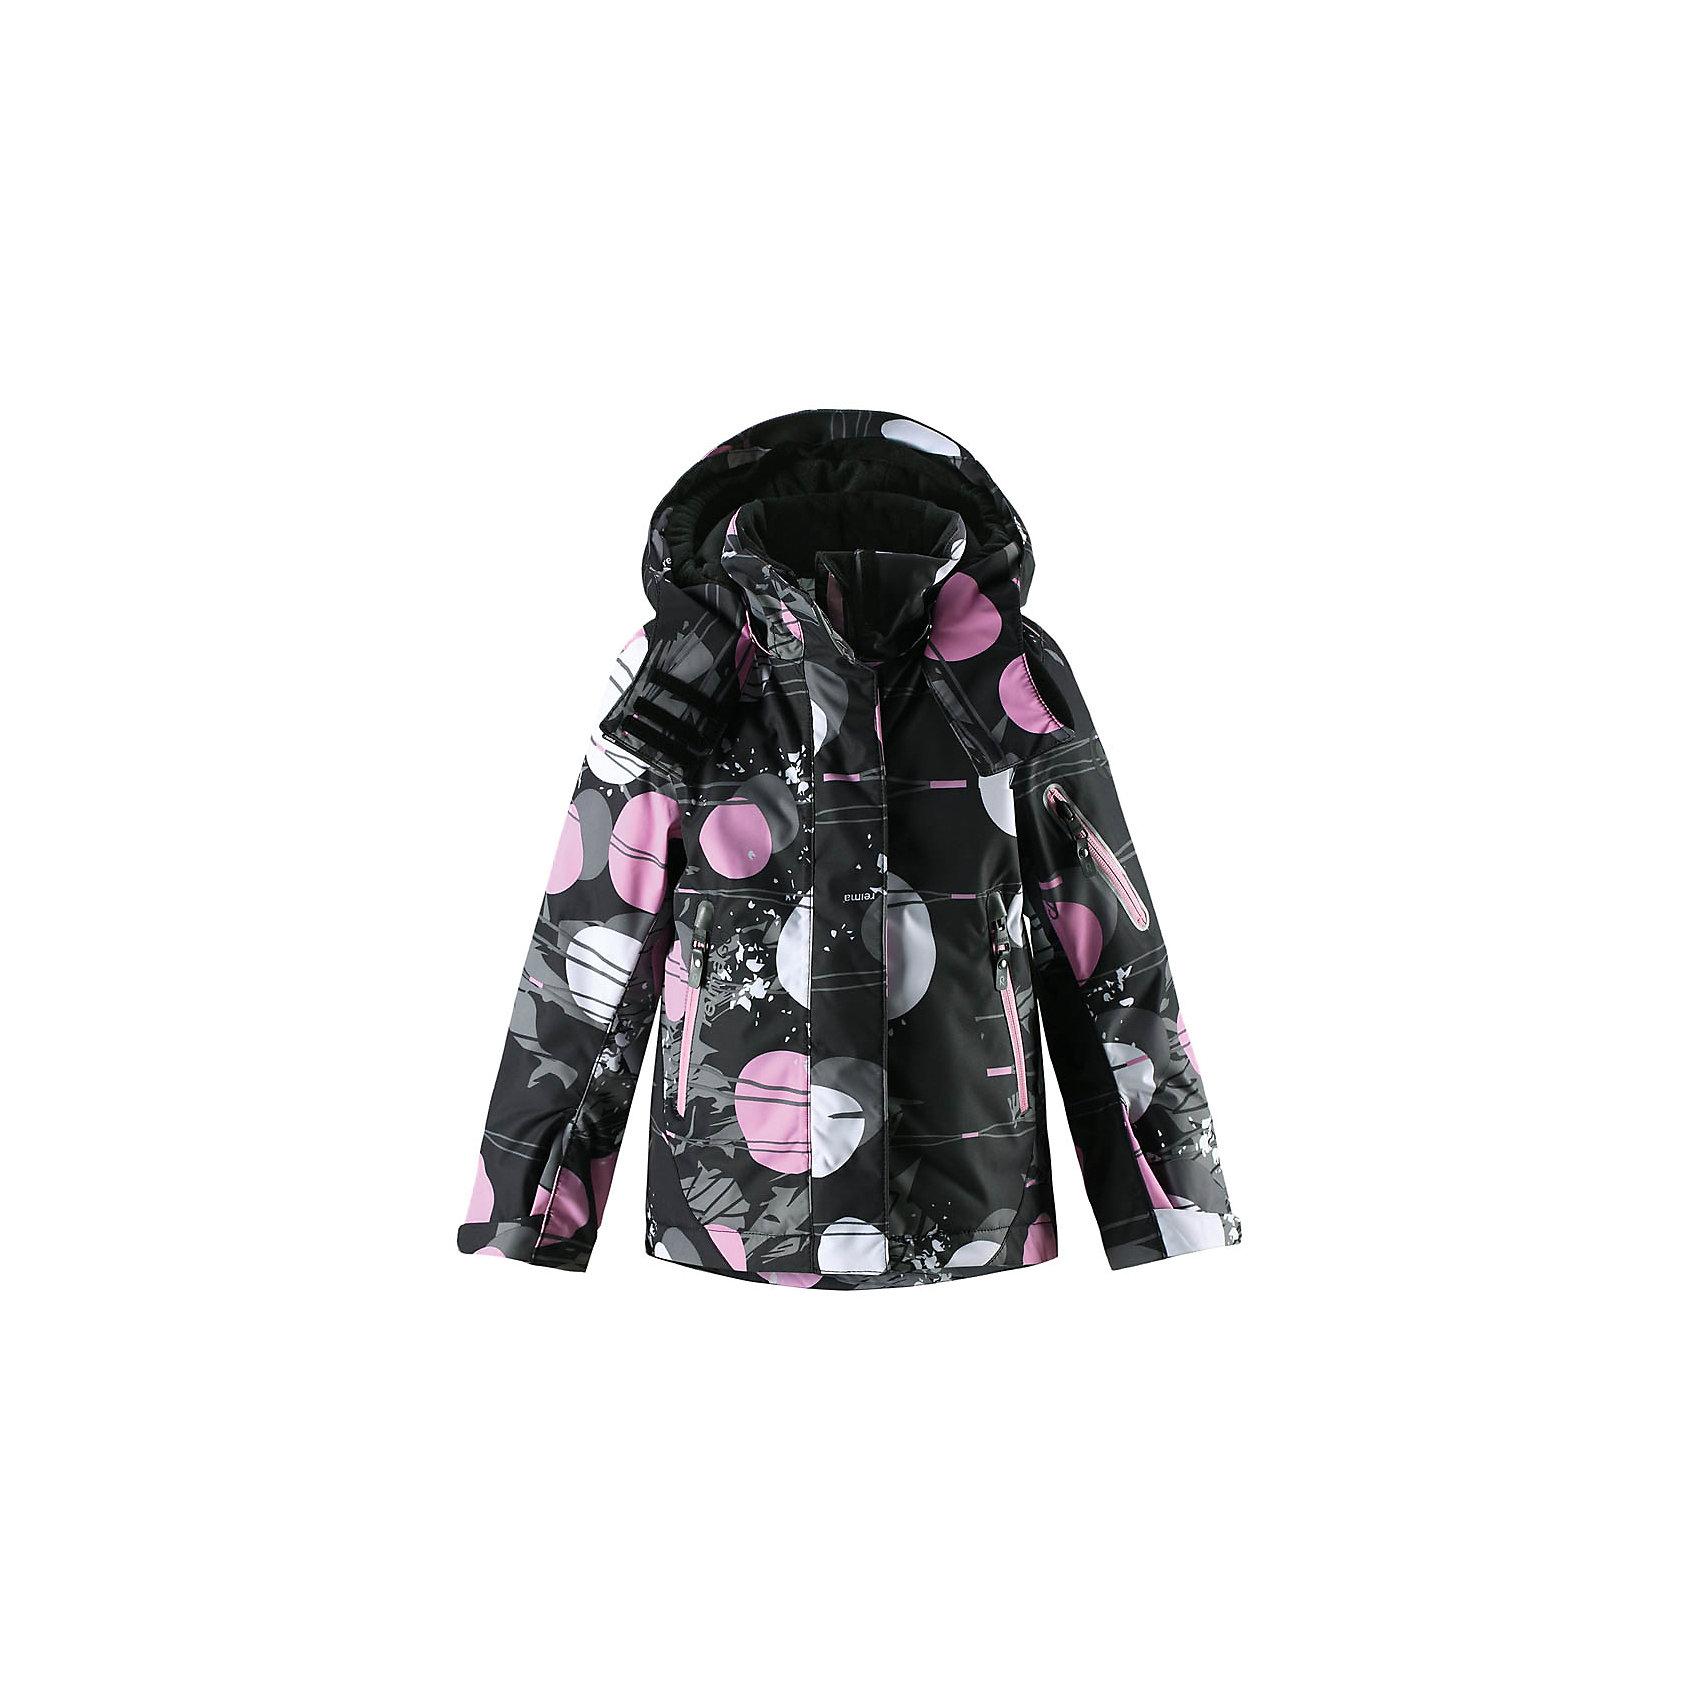 Куртка Reimatec® Reima Roxana для девочкиЗимние куртки<br>Детская абсолютно непромокаемая и ветронепроницаемая зимняя куртка Reimatec® с множеством функциональных деталей. Куртка с проклеенными швами сшита из специального, водо- и грязеотталкивающего и дышащего материала. Эта куртка с подкладкой из гладкого полиэстера легко надевается, и ее очень удобно носить с теплым промежуточным слоем. Манжеты и подол куртки регулируются, так что ее можно подогнать точно по фигуре. Снежную юбку можно пристегнуть к подкладке, если она не используется. <br><br>Съемный и регулируемый капюшон безопасен во время игр на свежем воздухе, он легко отстегнется, если вдруг за что-нибудь зацепится. Капюшон также оснащен козырьком и отворотом, защищающим шею от ветра. Отделку этой модной зимней модели довершают контрастные молнии на карманах, карман для лыжной карты на рукаве, нагрудный карман и карманы на молнии и специальный карман для сенсора ReimaGO. Эта куртка очень проста в уходе, кроме того, ее можно сушить в стиральной машине. Благодаря множеству практичных деталей эта прочная куртка просто создана для зимних забав, и особенно для лыж и санок!<br>Состав:<br>100% Полиэстер<br><br>Ширина мм: 356<br>Глубина мм: 10<br>Высота мм: 245<br>Вес г: 519<br>Цвет: черный<br>Возраст от месяцев: 108<br>Возраст до месяцев: 120<br>Пол: Женский<br>Возраст: Детский<br>Размер: 140,104,110,116,122,128,134<br>SKU: 6901449